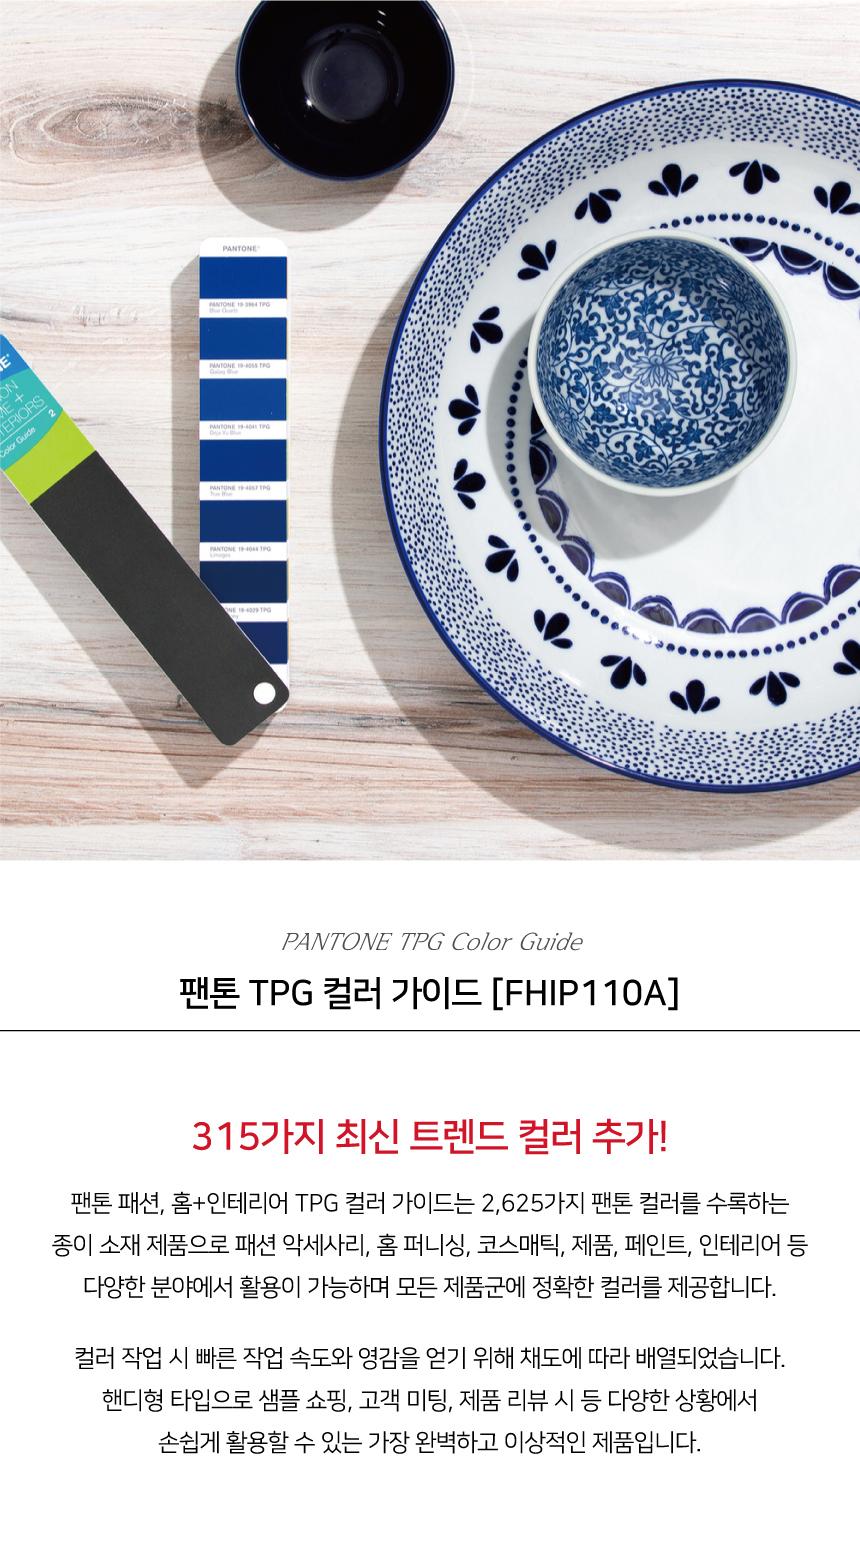 팬톤 TPG 컬러 가이드 FHIP110A